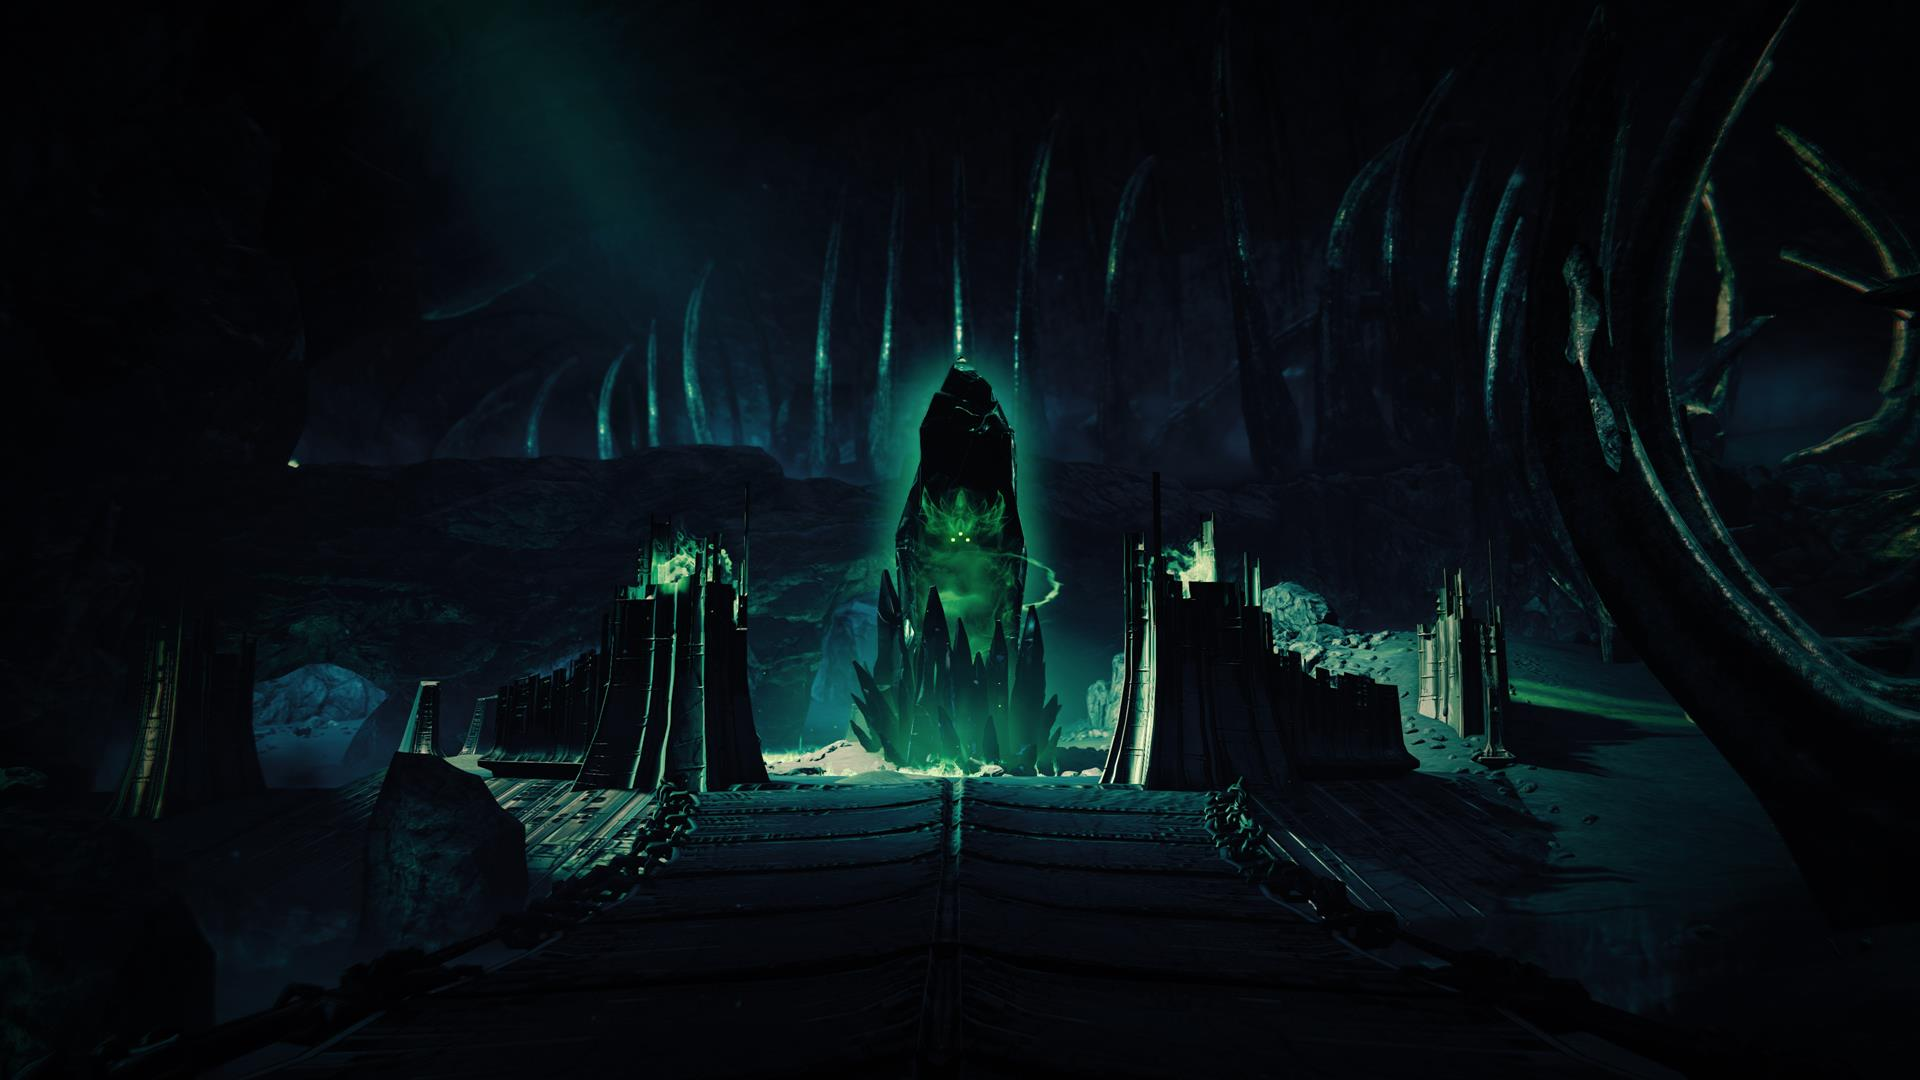 První expanze do Destiny dorazí 9. prosince 101715